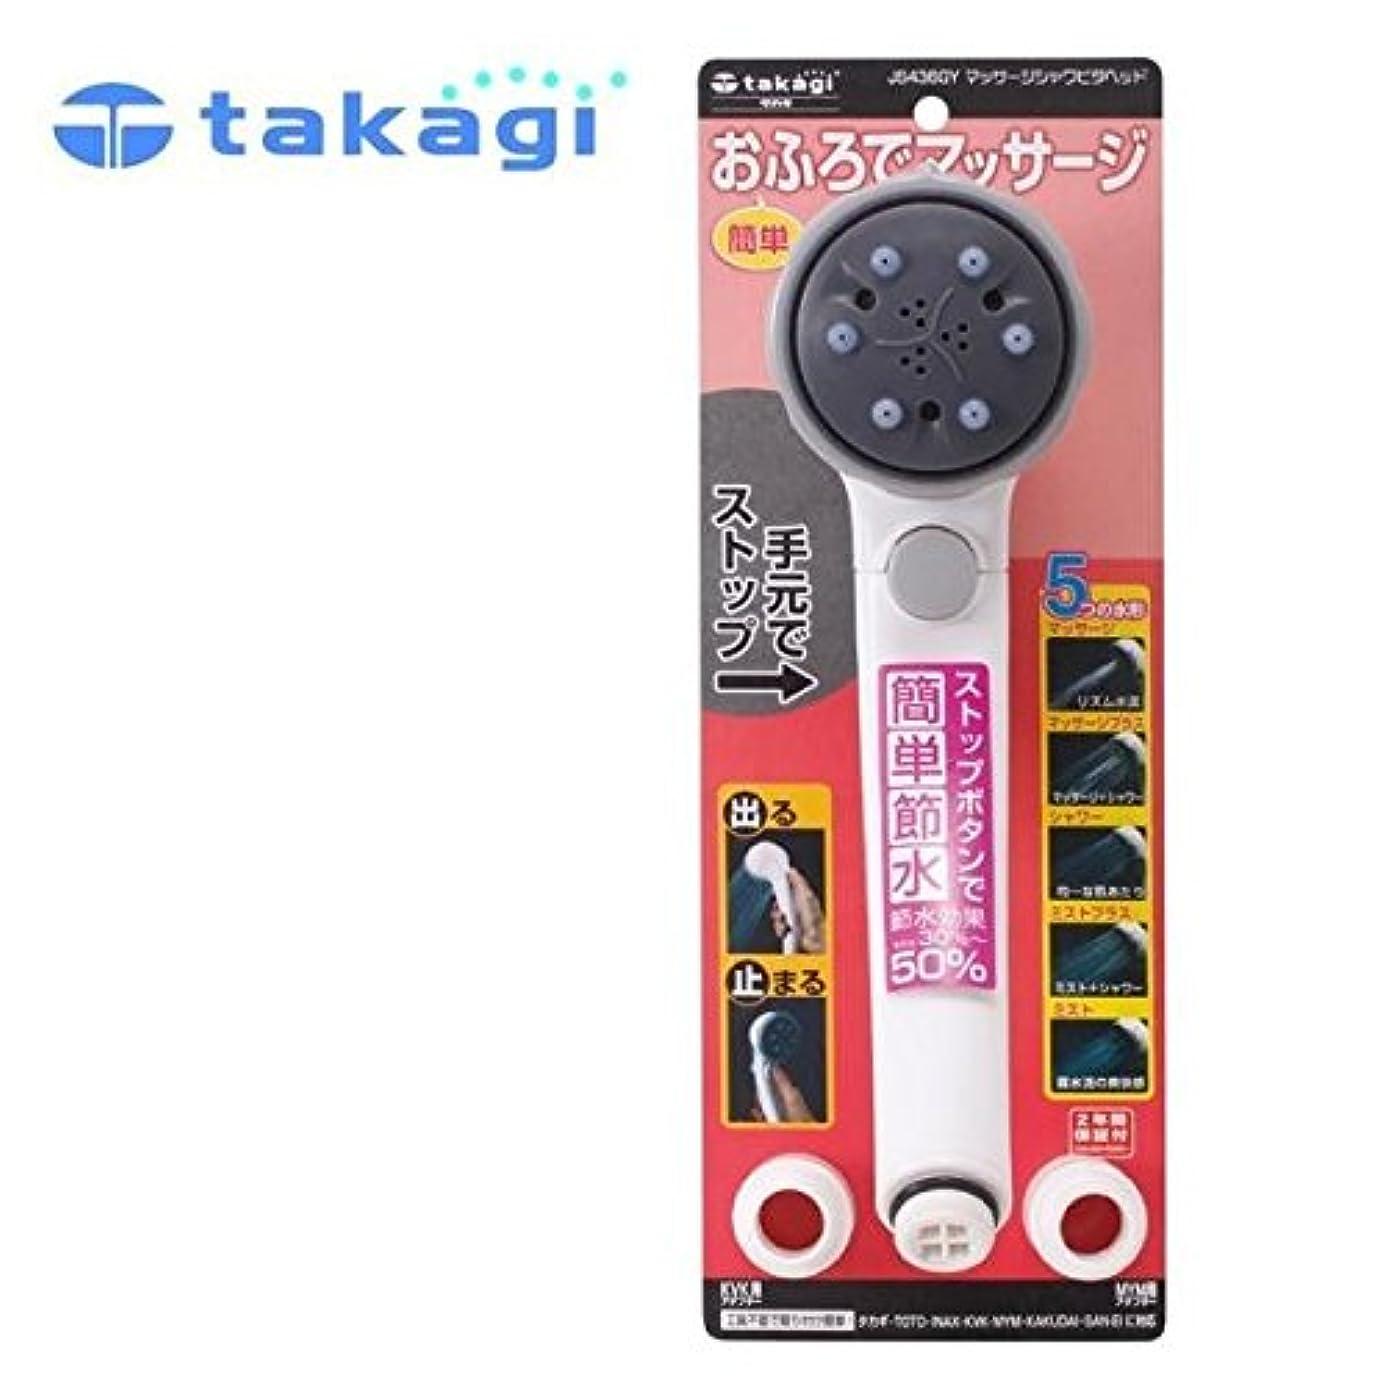 重要交渉するくそーtakagi タカギ 浴室用シャワーヘッド マッサージシャワピタヘッド【同梱?代引不可】